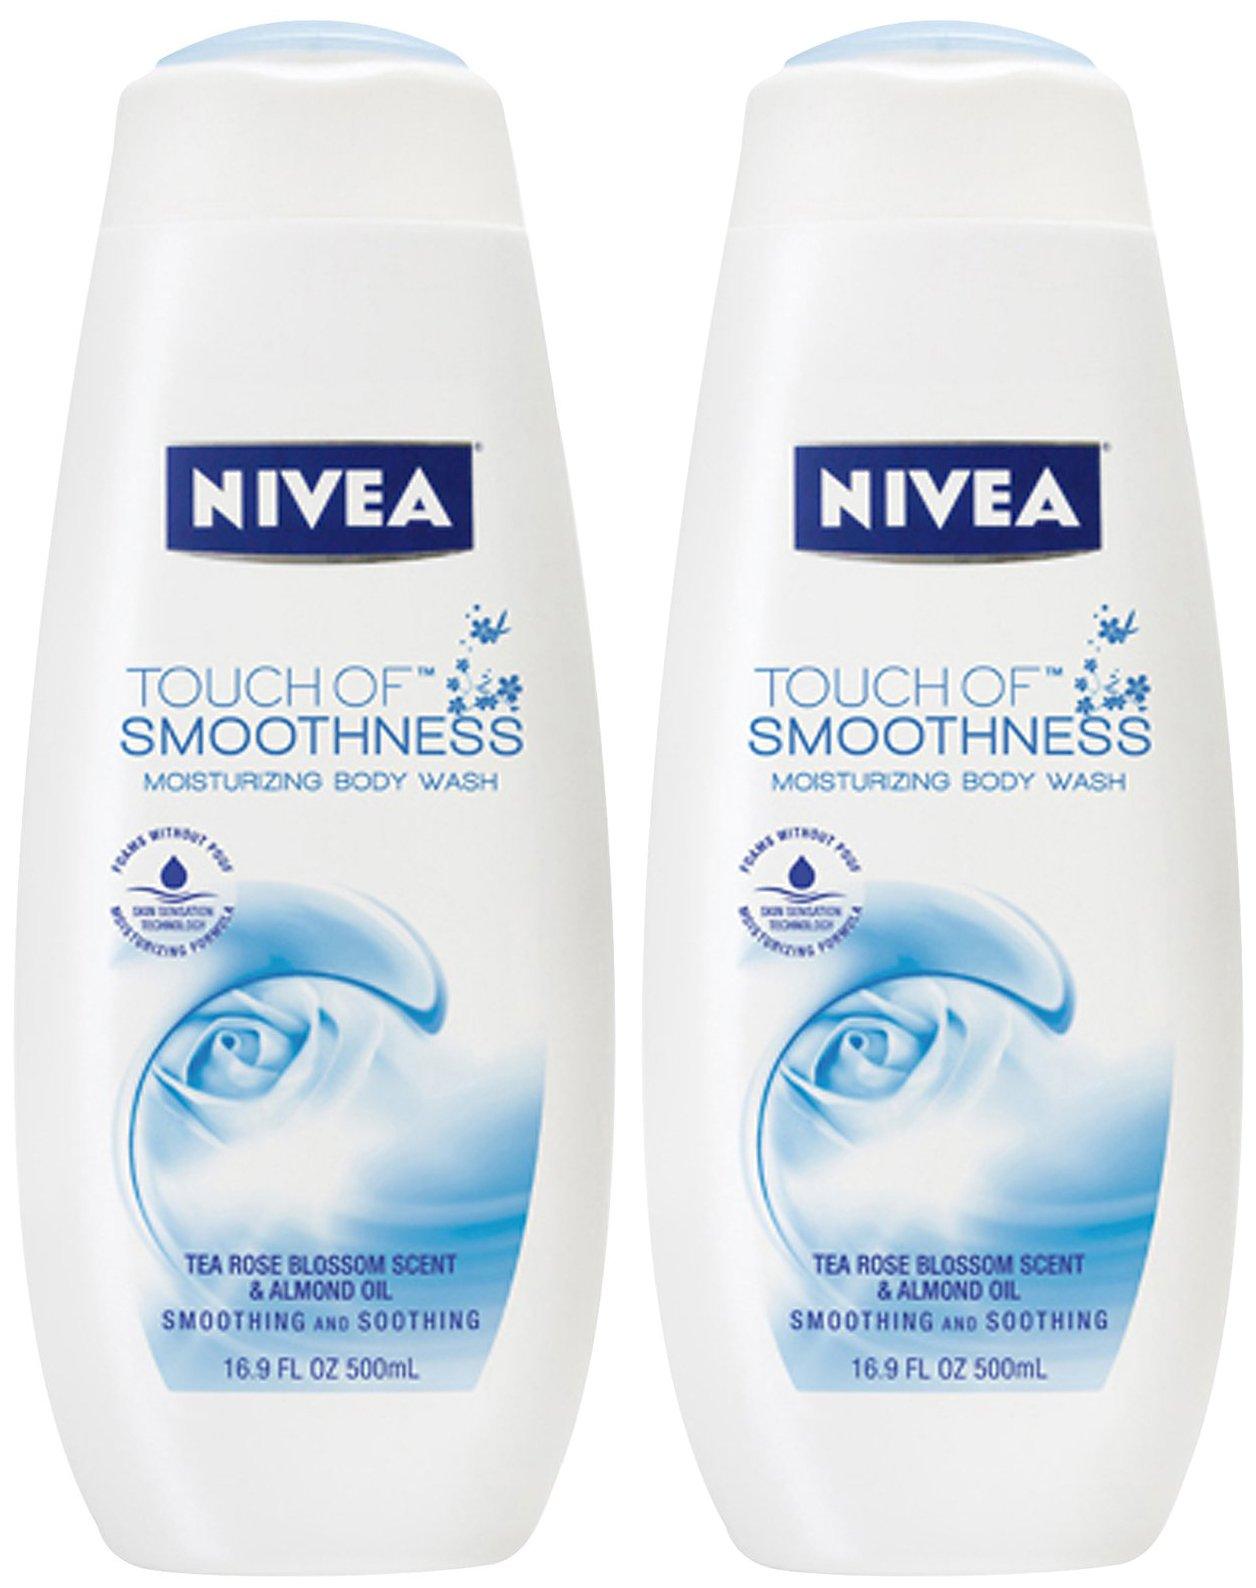 New Nivea Body Wash Coupon